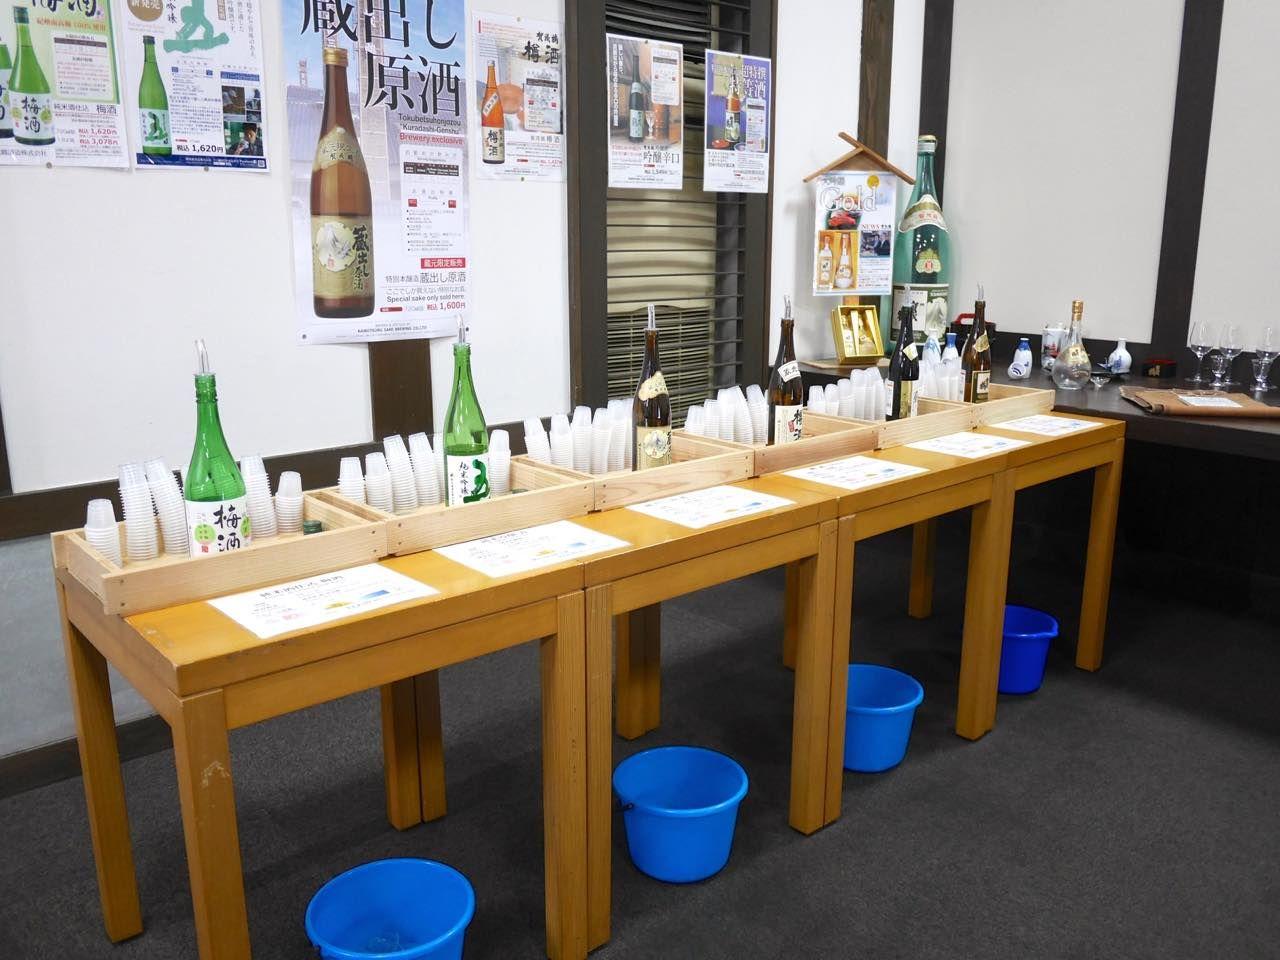 酒蔵見学室で自分好みの日本酒の味を見つけてみよう